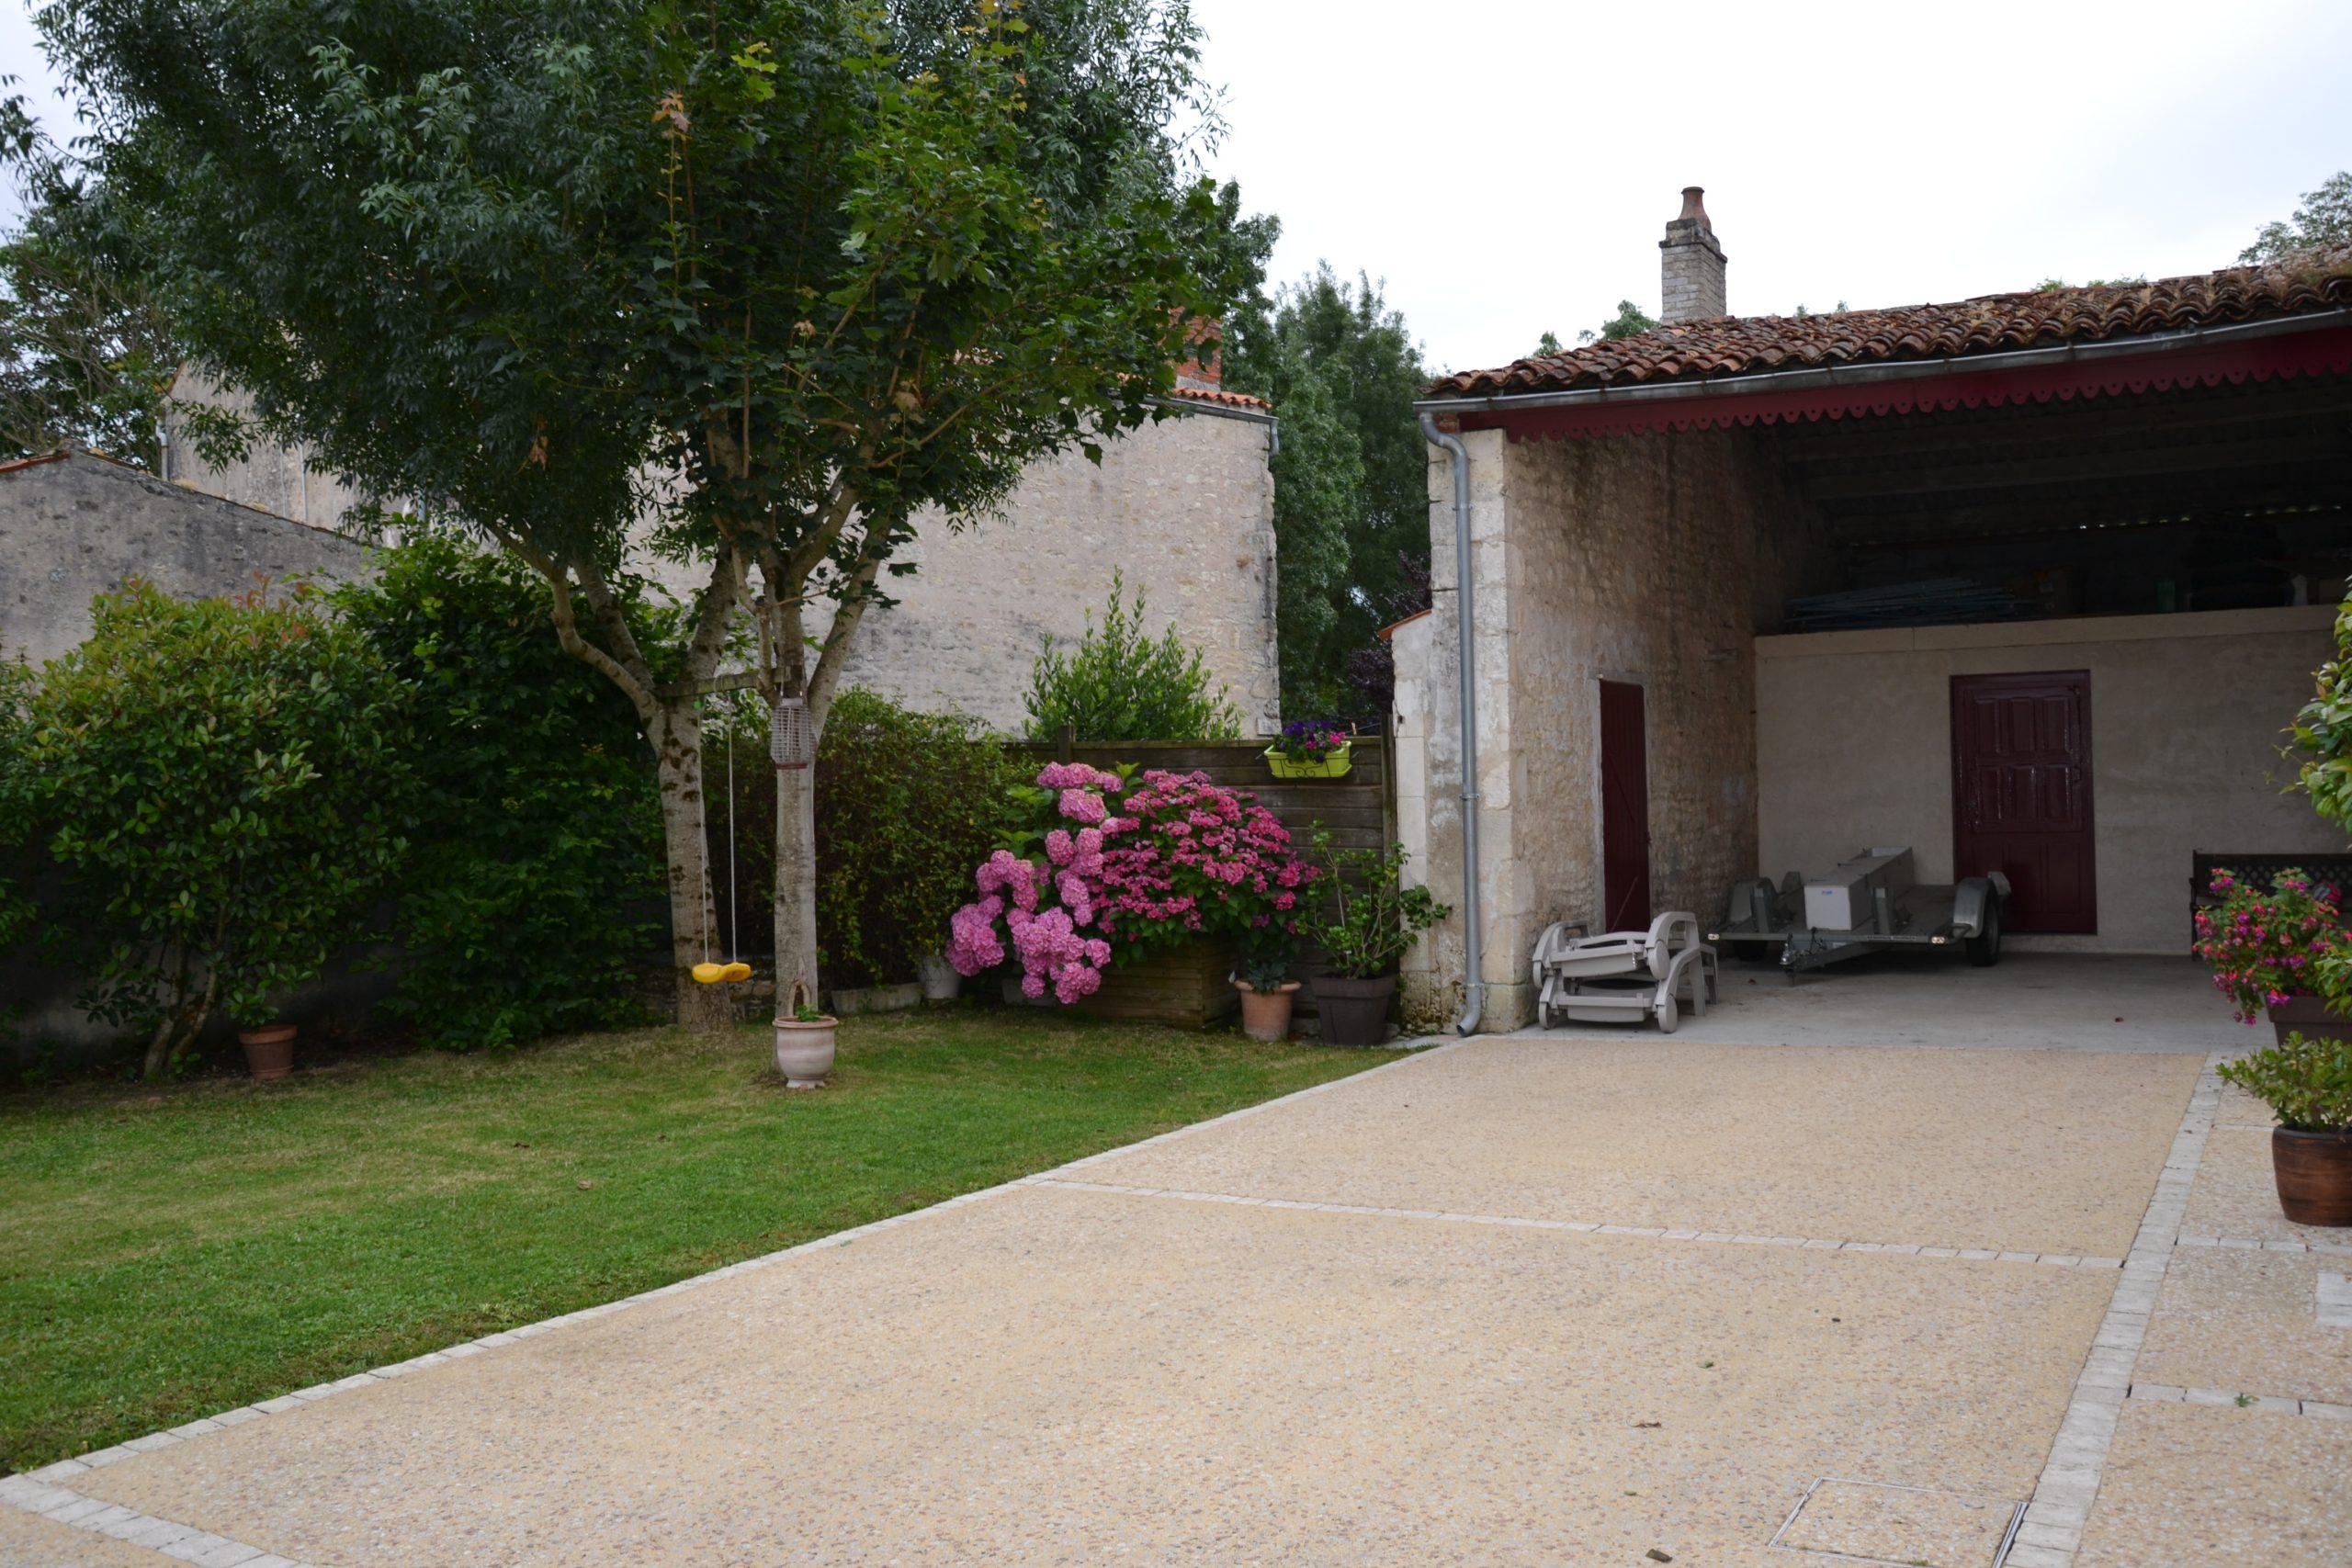 Maison CHARENTAISE 4 chambres à THAIRE